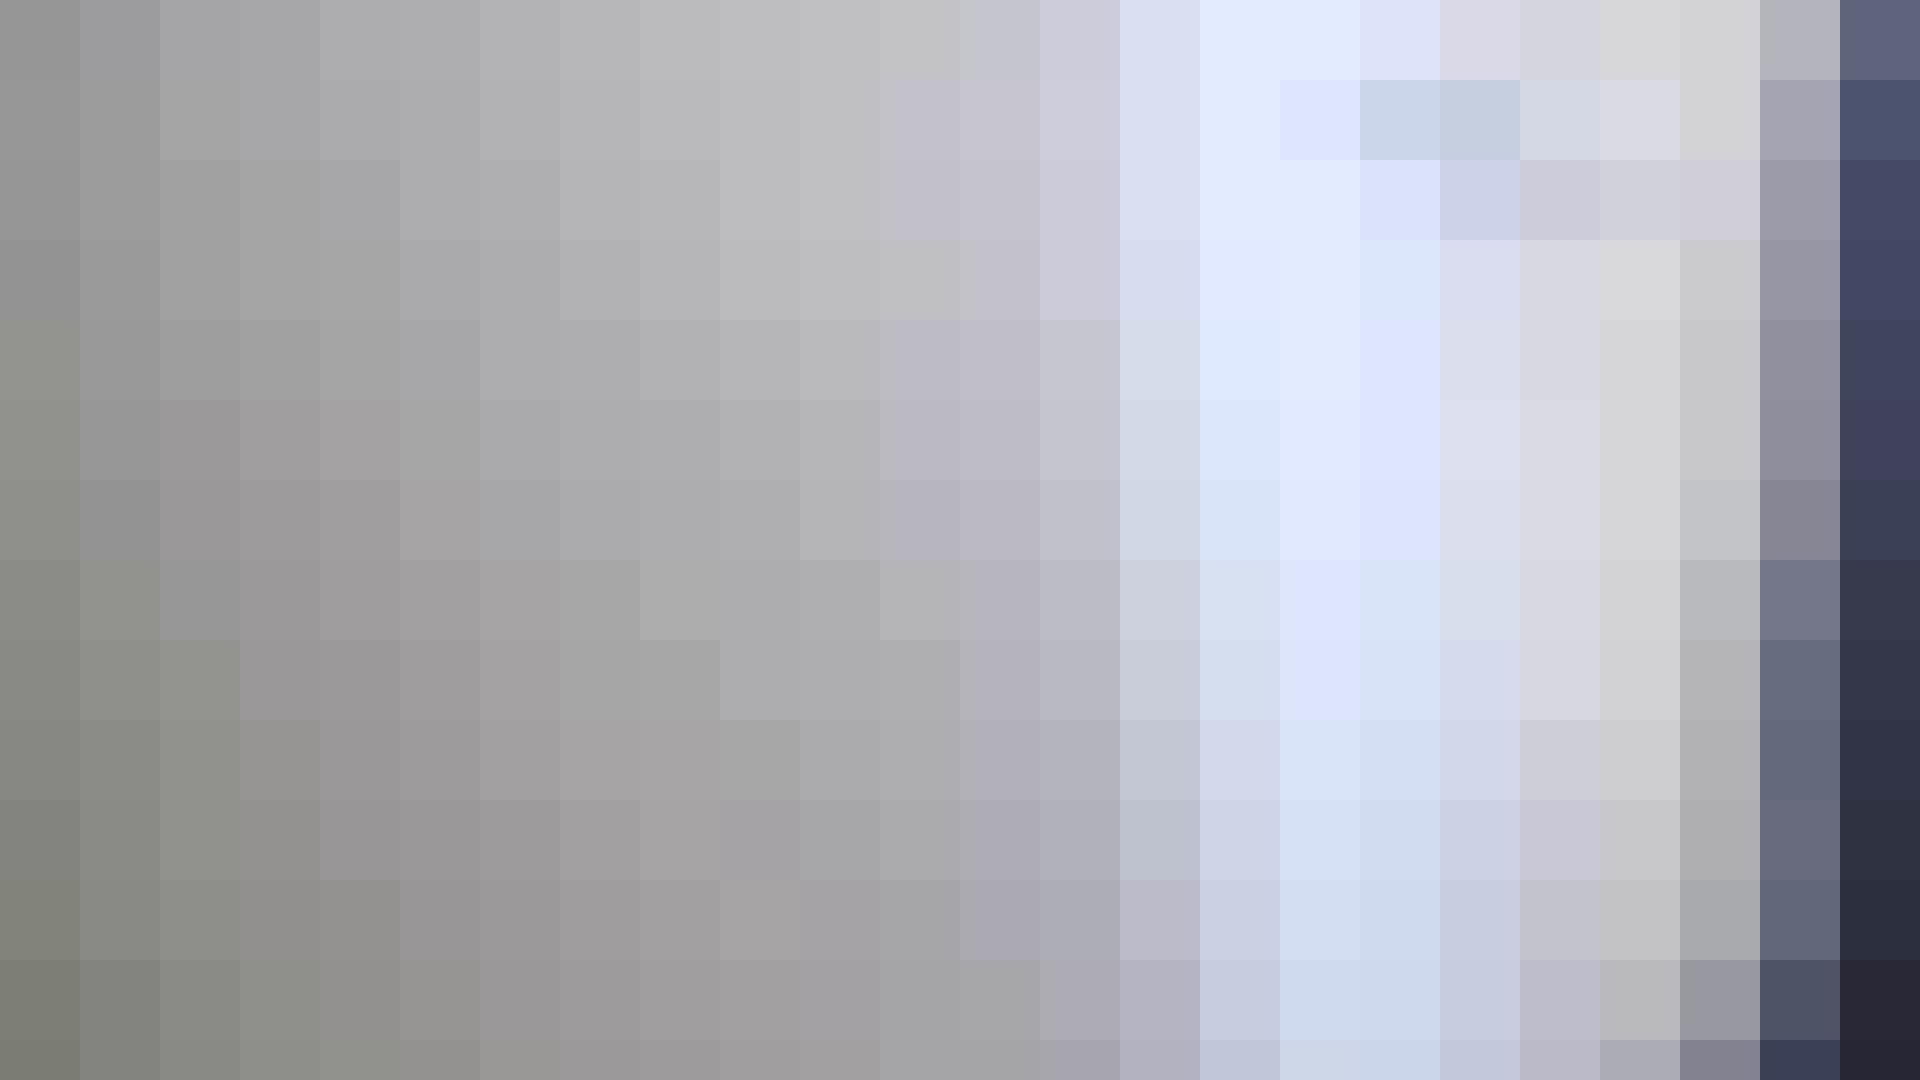 阿国ちゃんの「和式洋式七変化」No.18 iBO(フタコブ) 和式  99pic 92